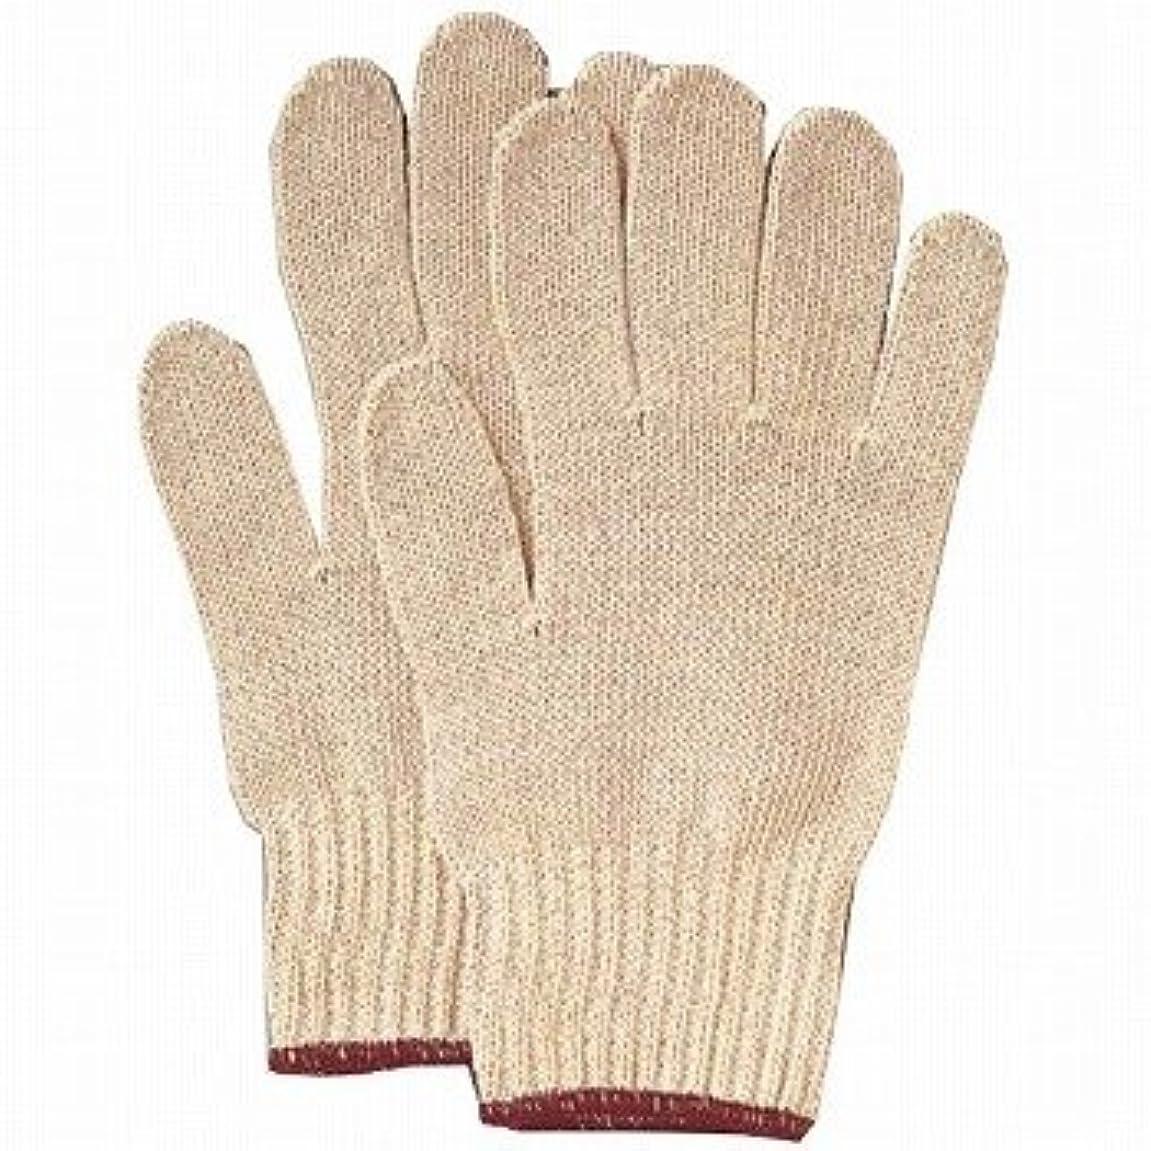 旅行者評価可能苦行おたふく手袋/純綿手袋(軍手) [400双入]/品番:640